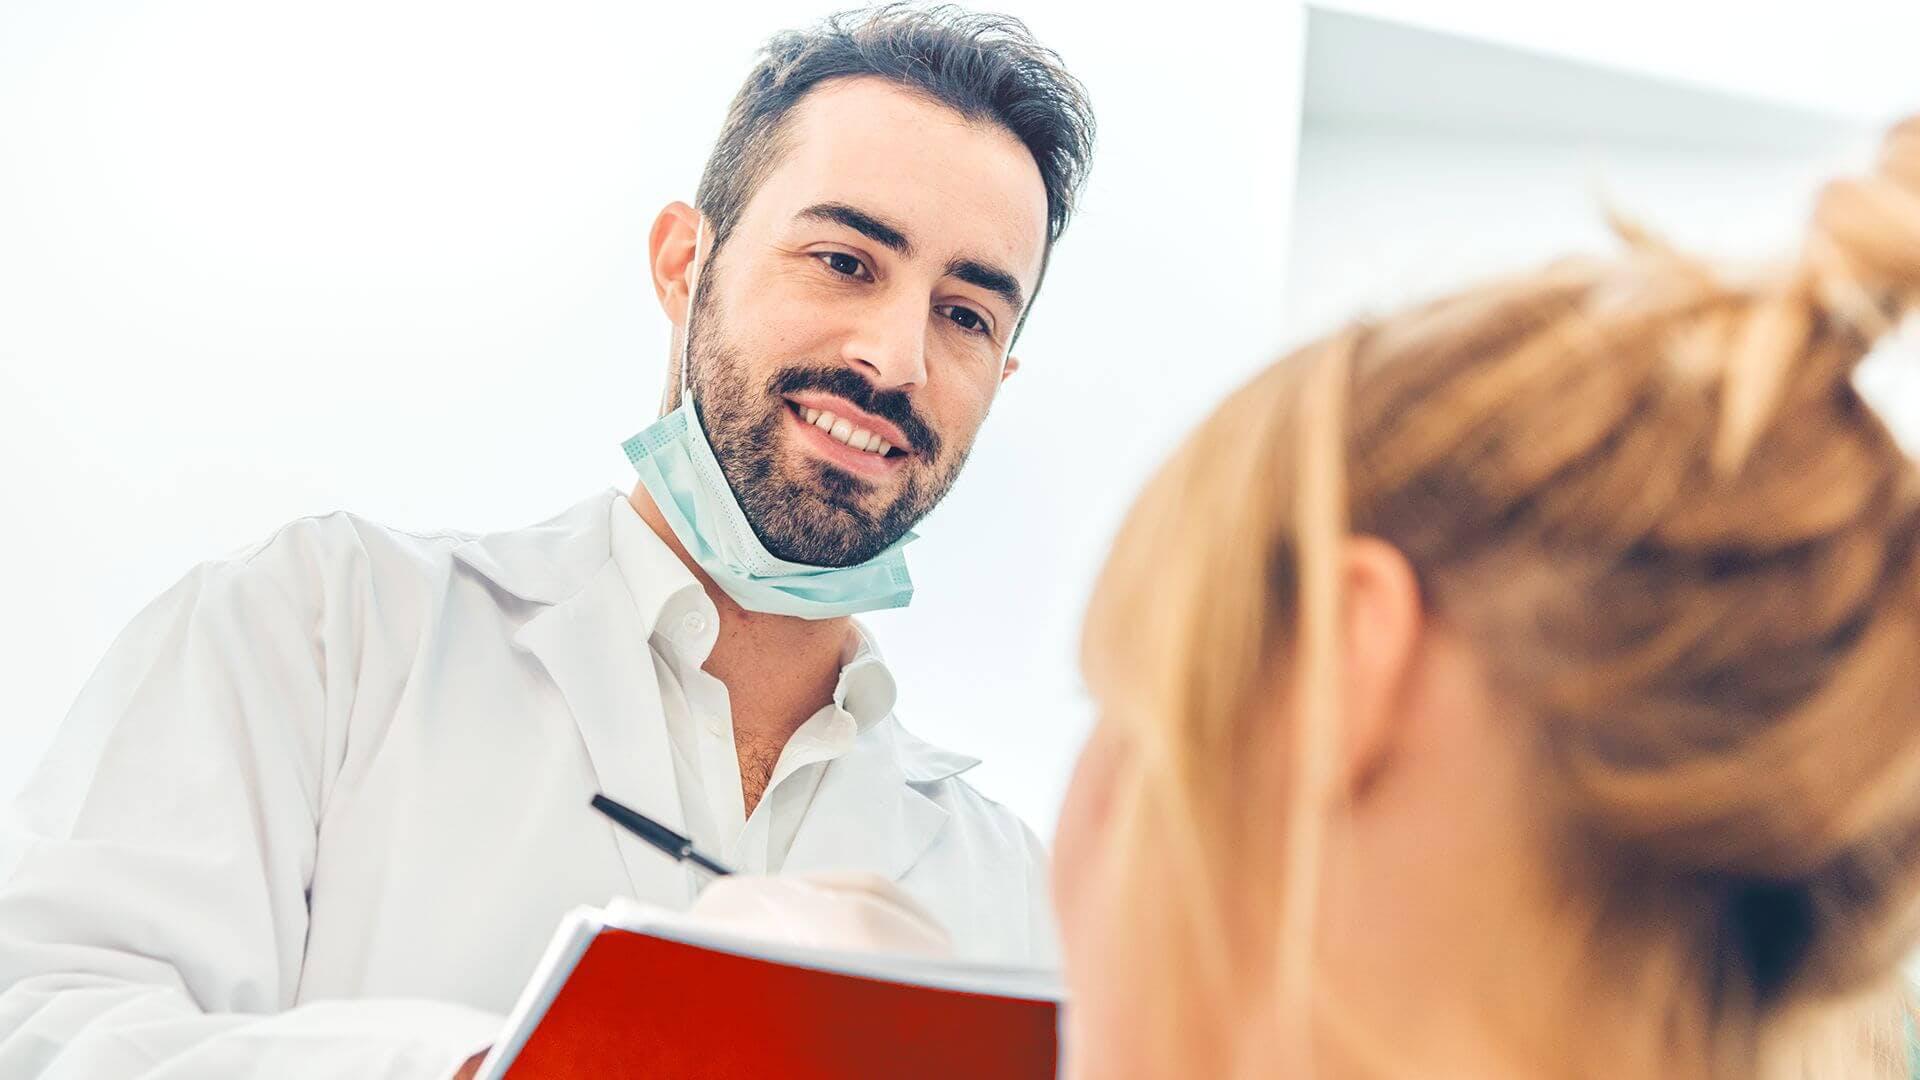 רופא שיניים מייעץ למטופלת